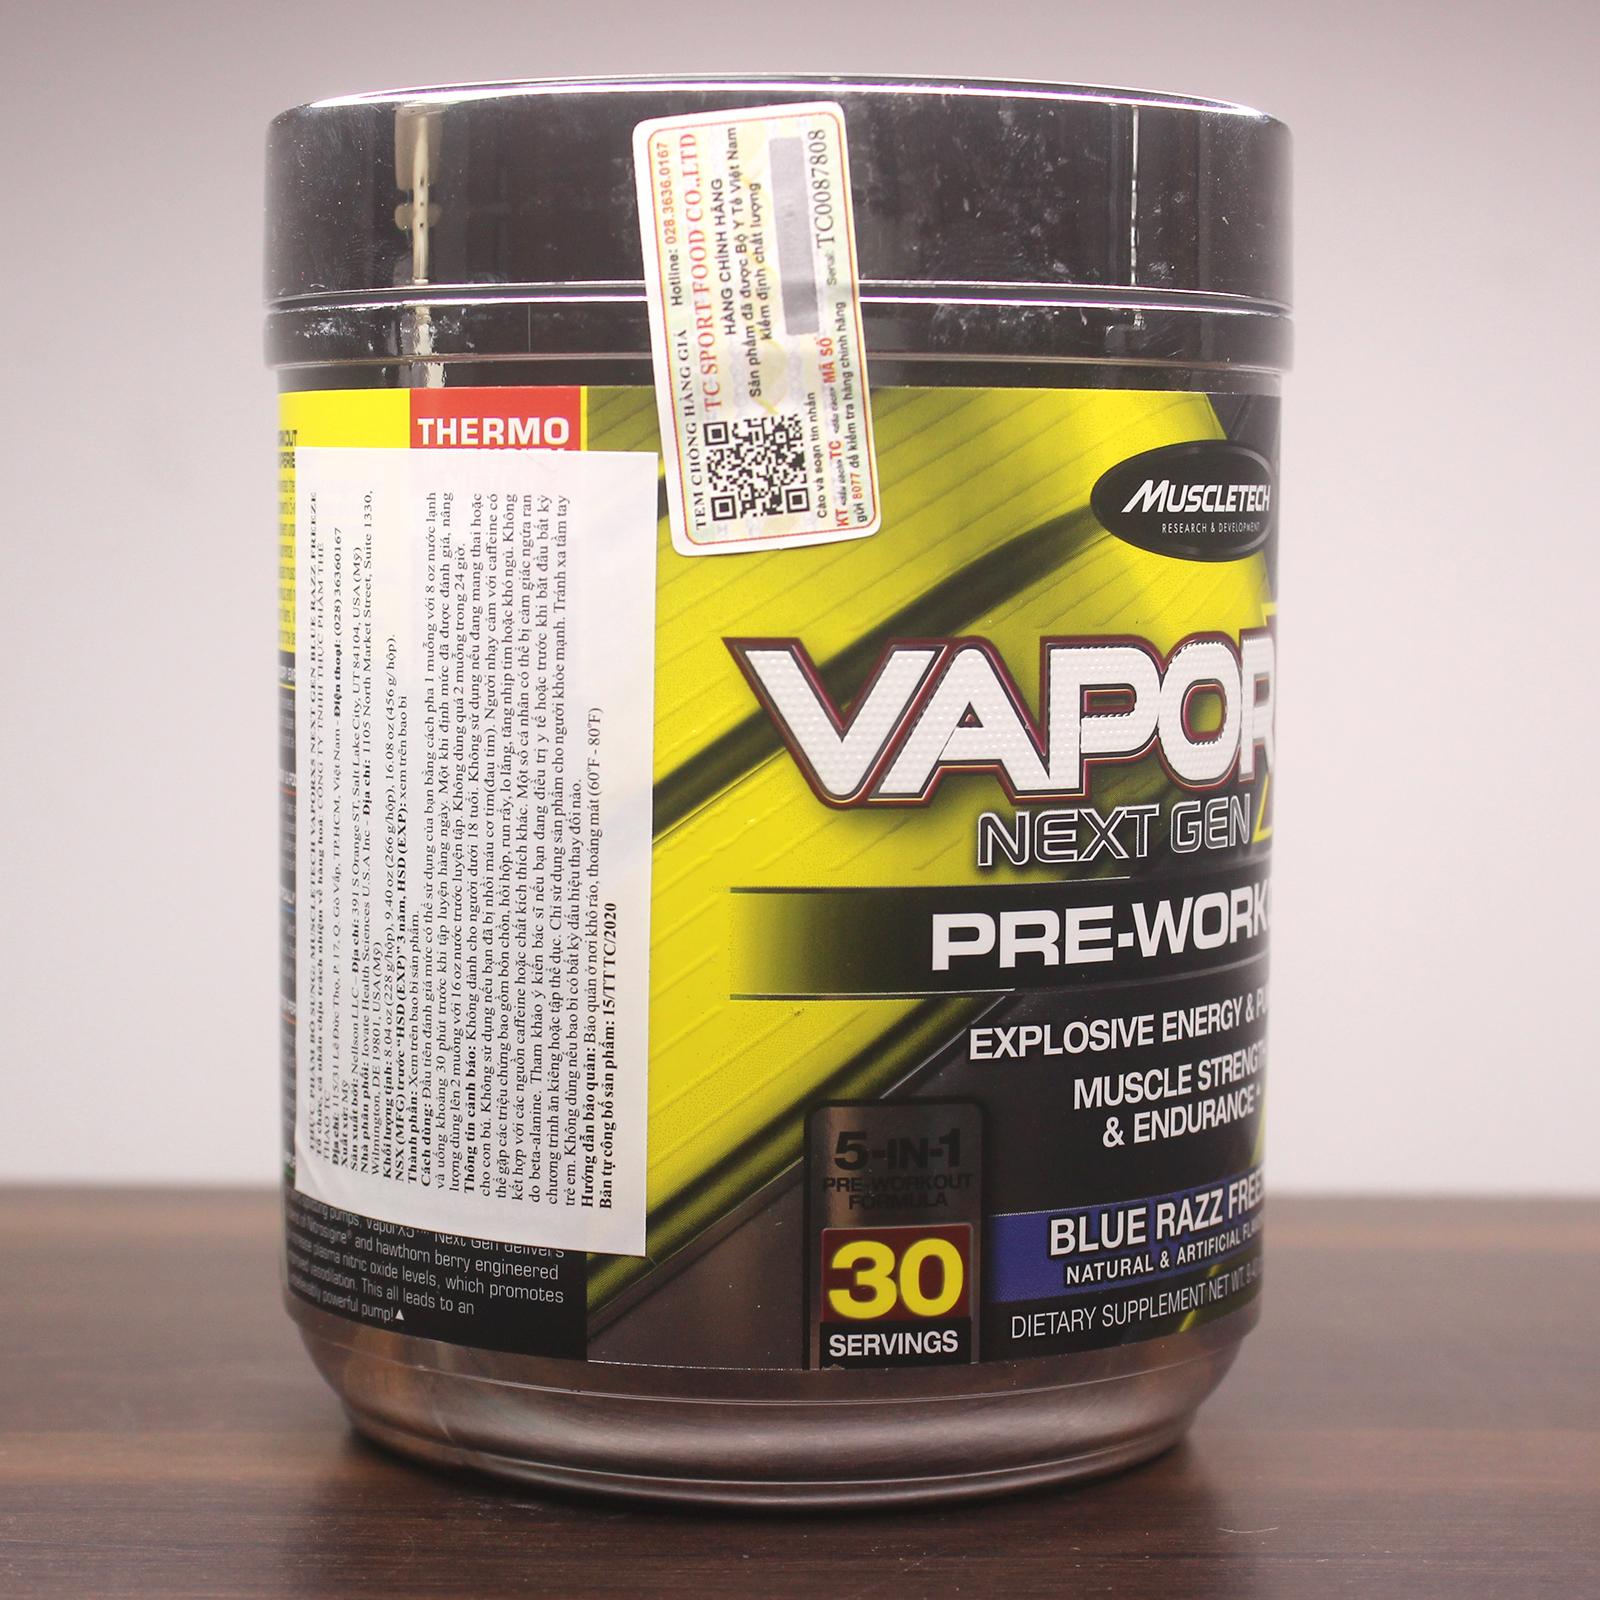 Combo Pre-Workout Vapor X5 của MuscleTech hương Blue Razz Freeze hộp 30 lần dùng hỗ trợ Tăng Sức Bền, Sức Mạnh, Đốt Mỡ, Giảm Cân mạnh mẽ cho người tập GYM & bình lắc 600 ml (Màu Ngẫu Nhiên)